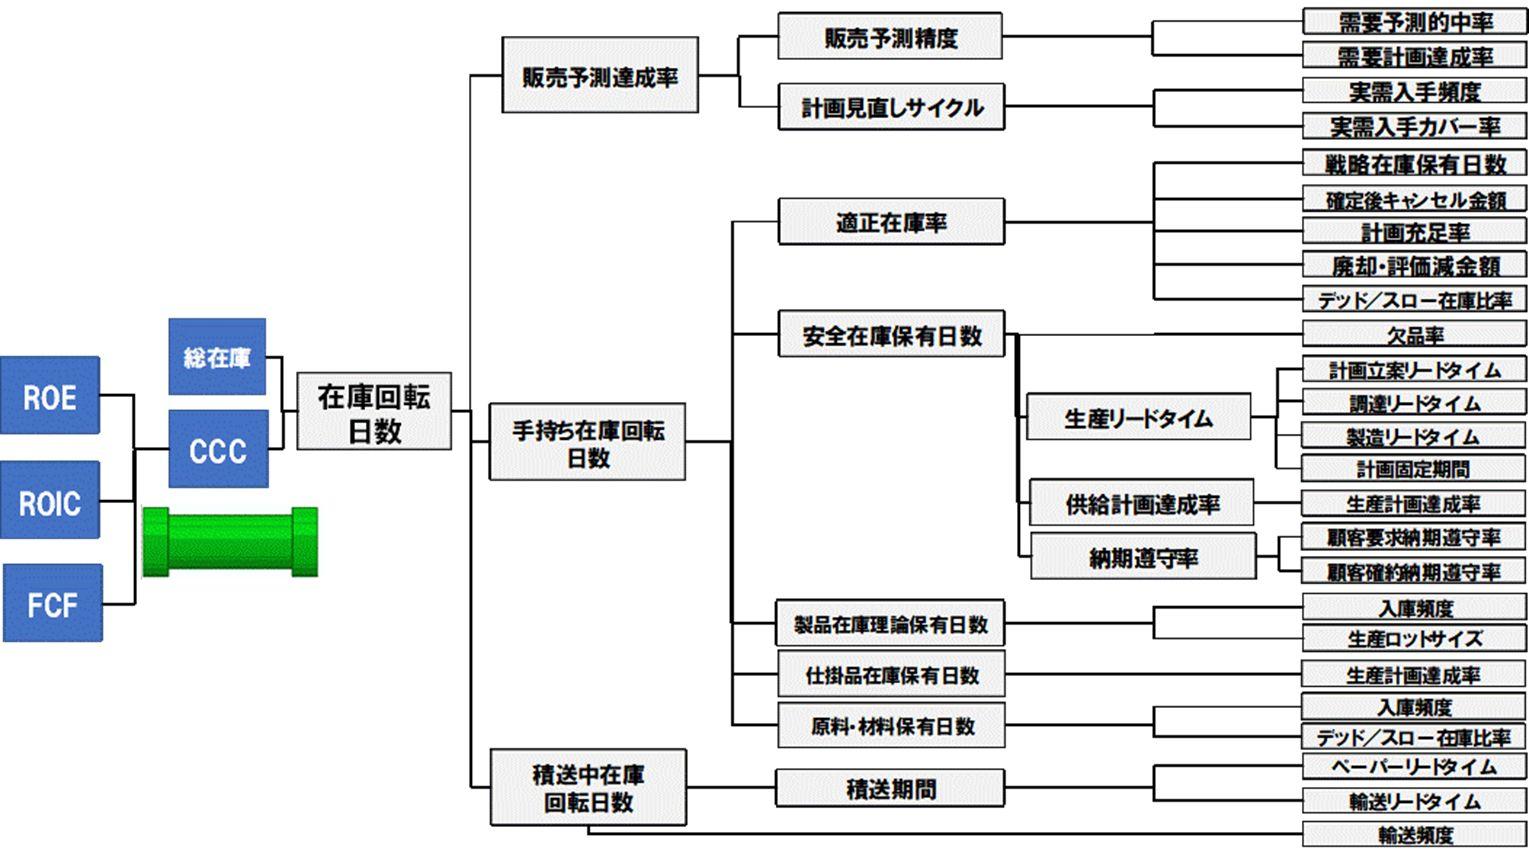 CCCのロジックツリー